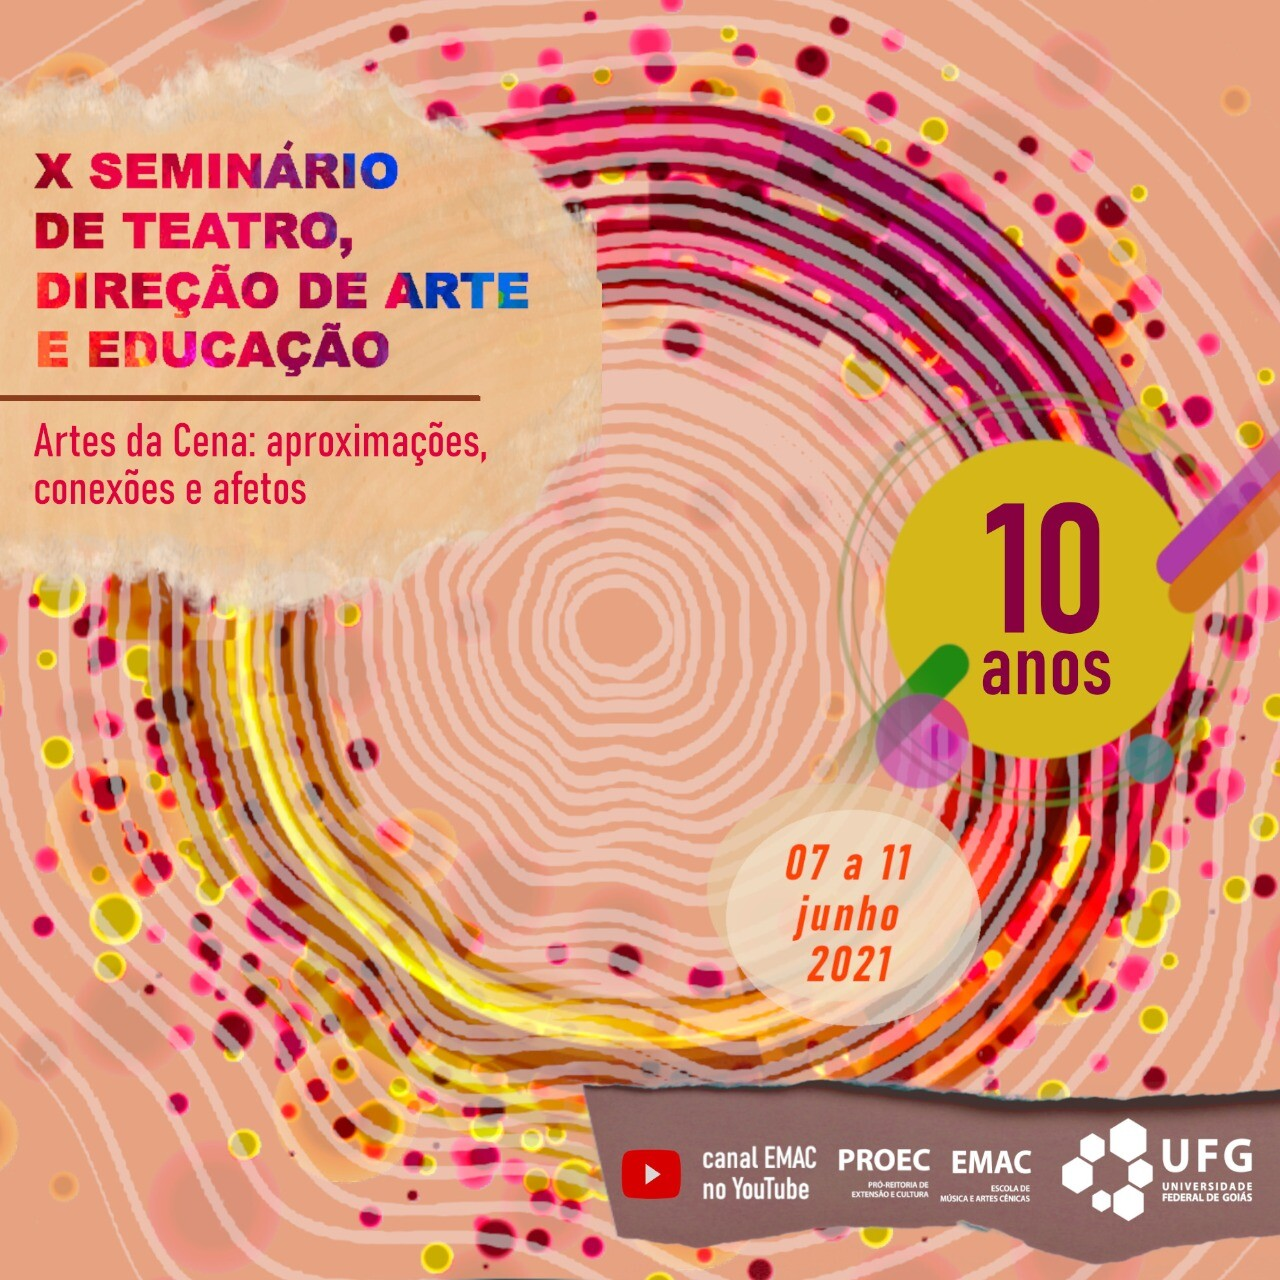 X Seminário de Teatro, Direção de Arte e Educação 2